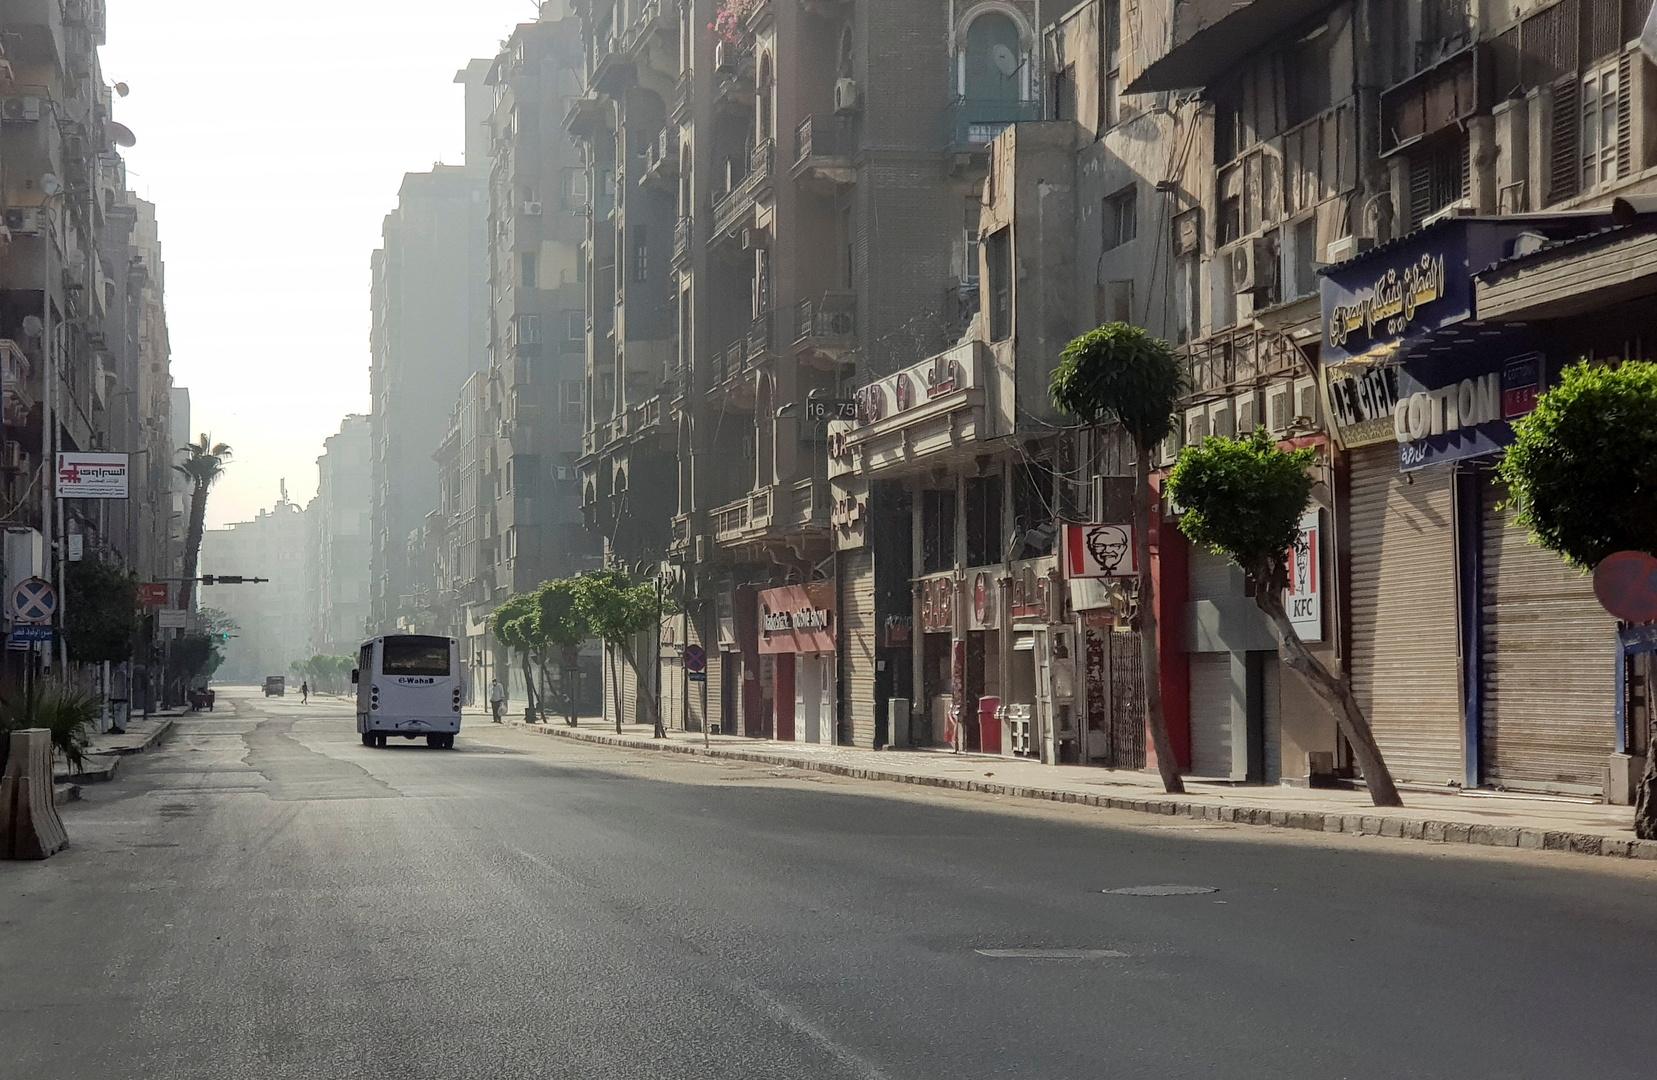 مصر توضح حقيقة فيديو قرار فرض حظر التجول